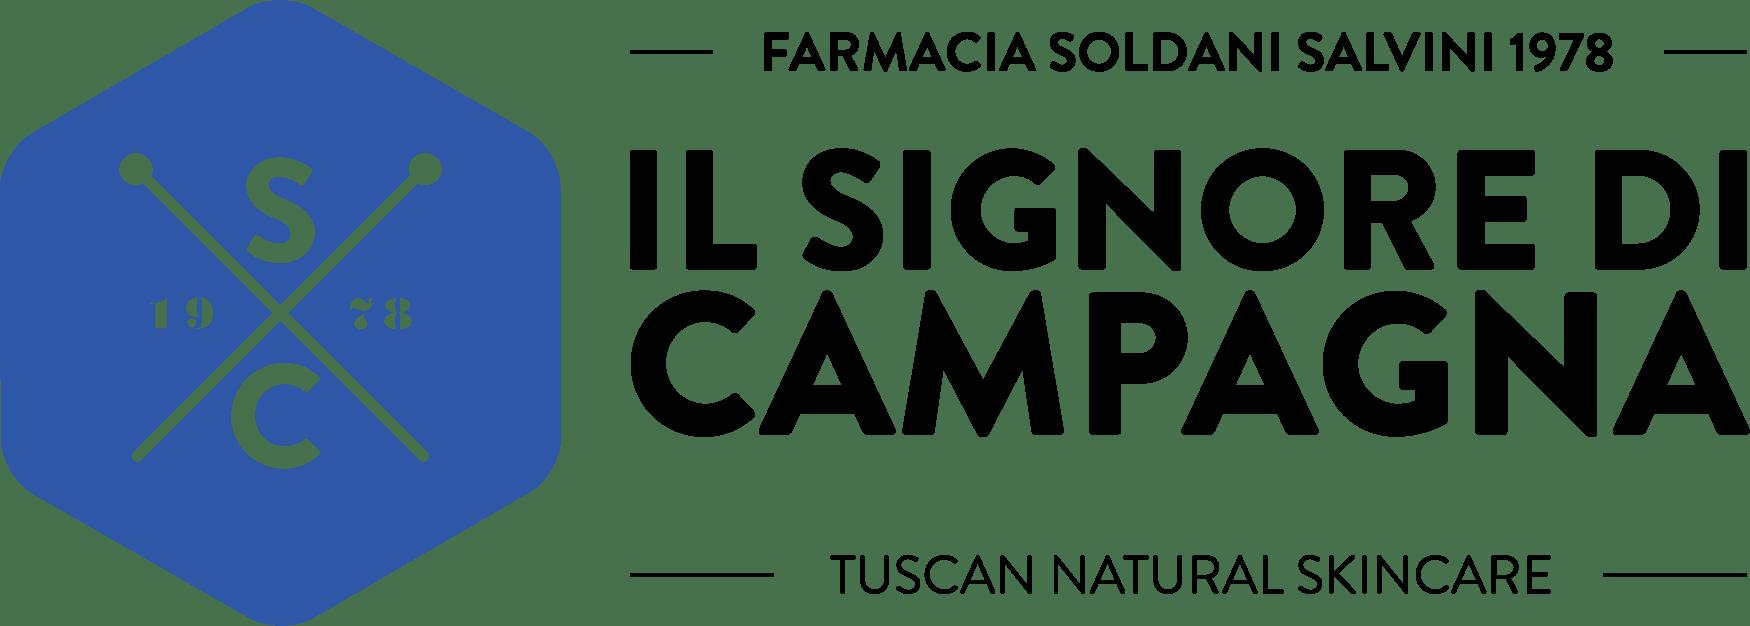 Farmacia Soldani Salvini